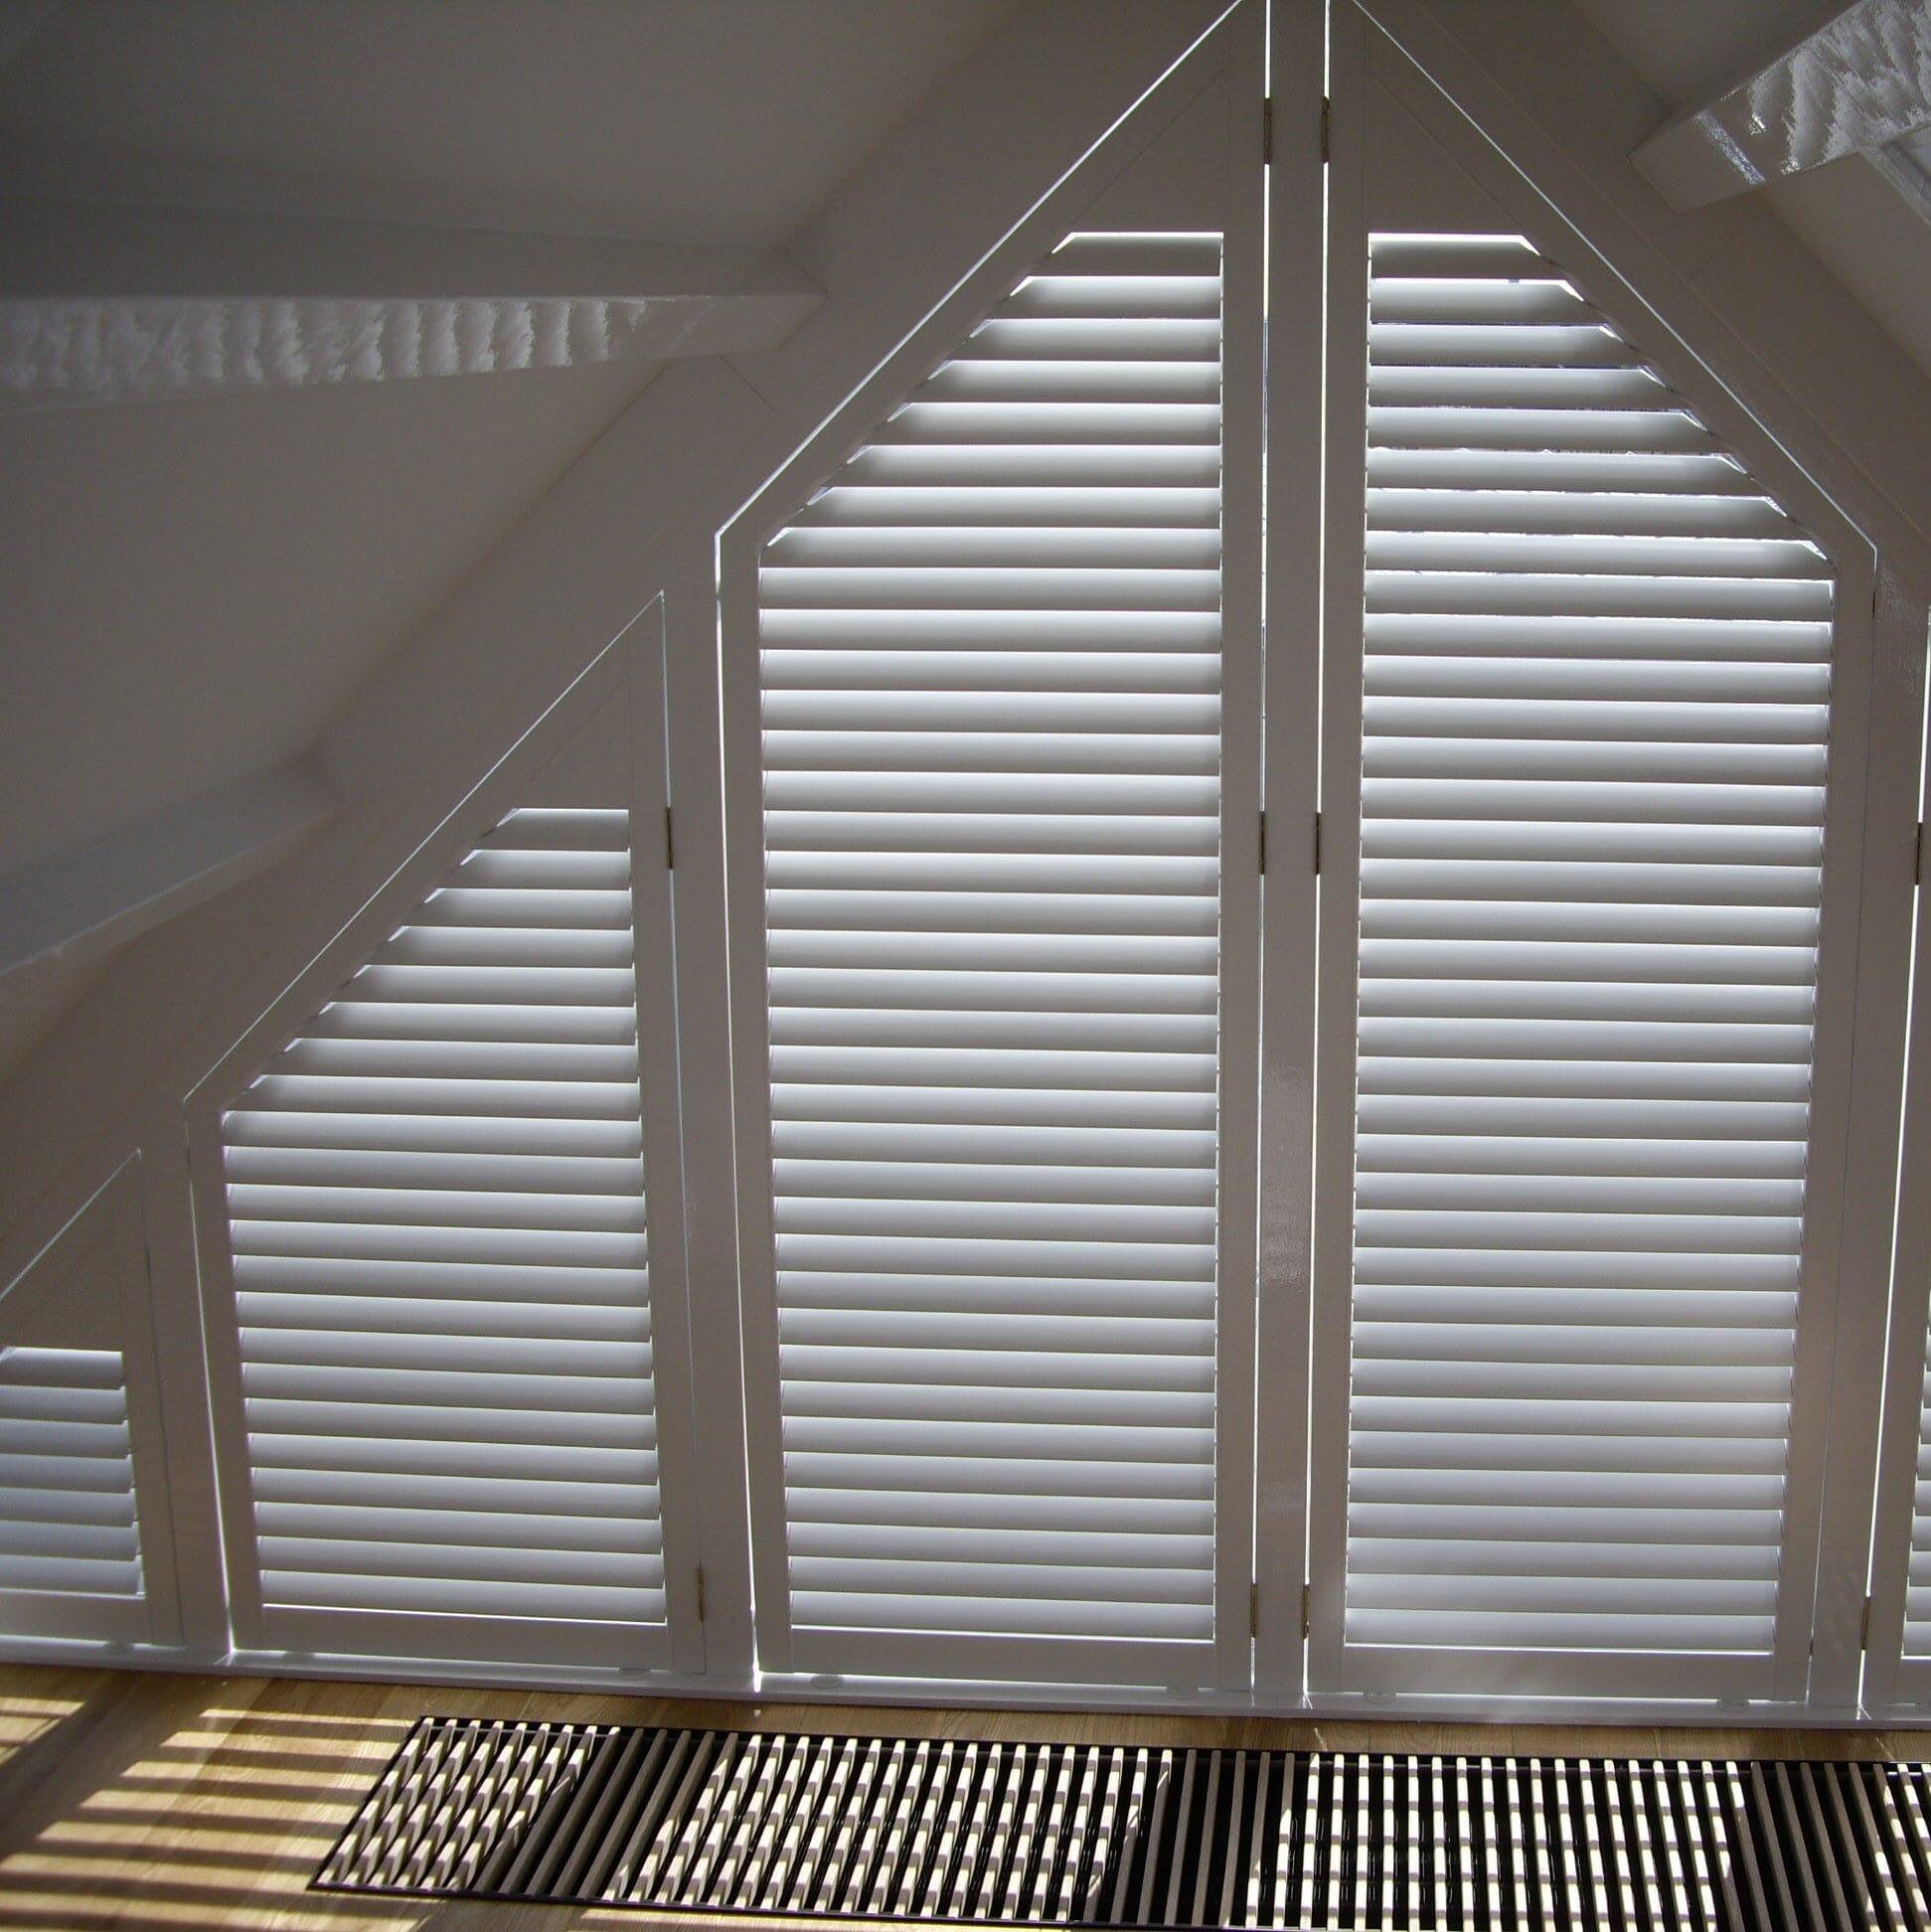 Wonderbaarlijk Raambekleding voor bijzondere raamvormen - Zonnelux NS-26